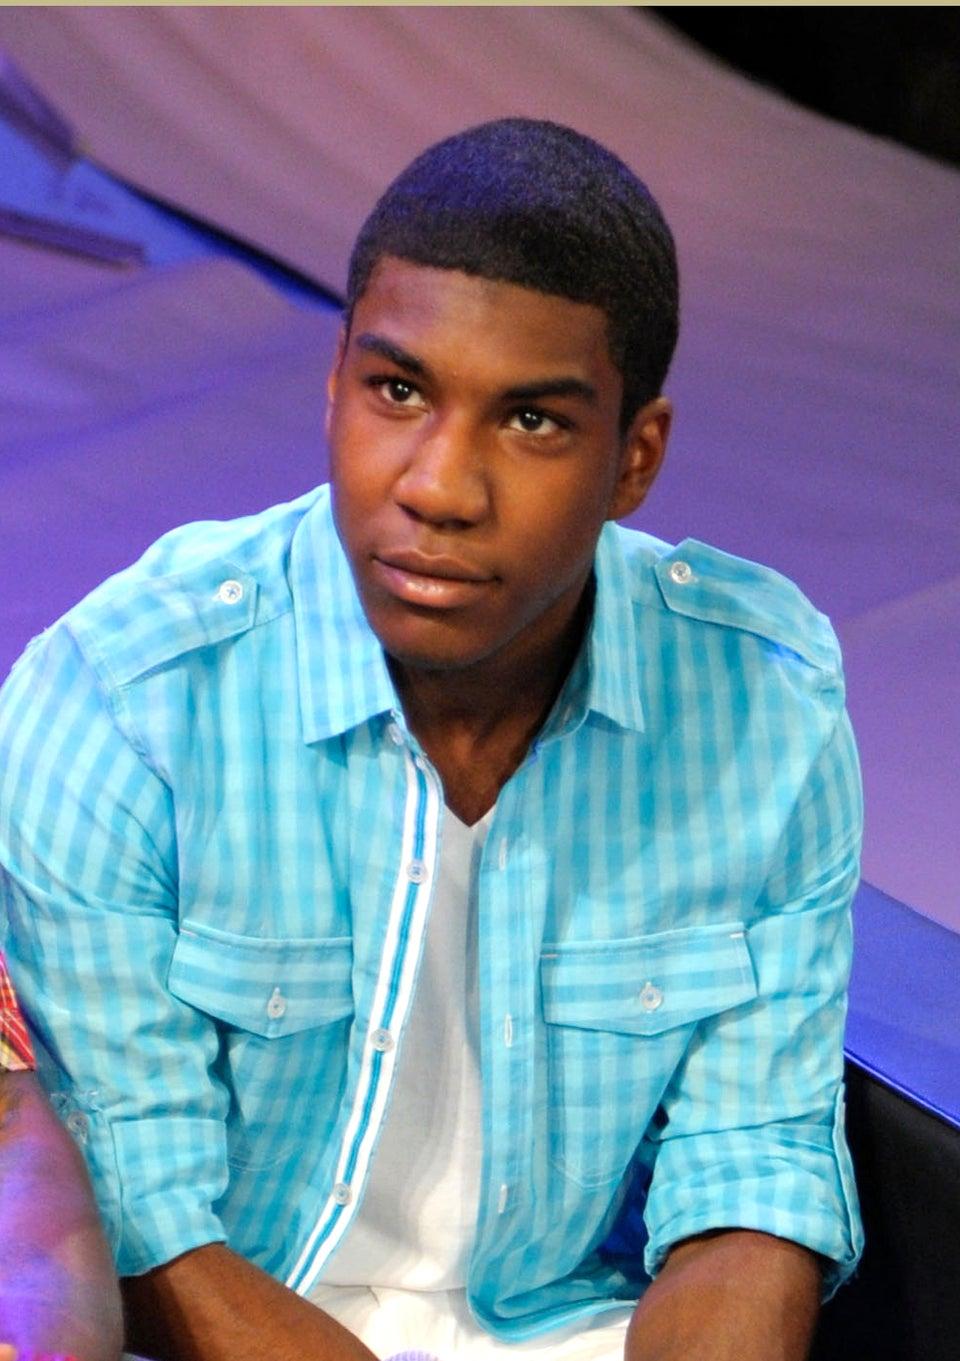 Trayvon Martin's Brother Lands Internship with Florida Congresswoman